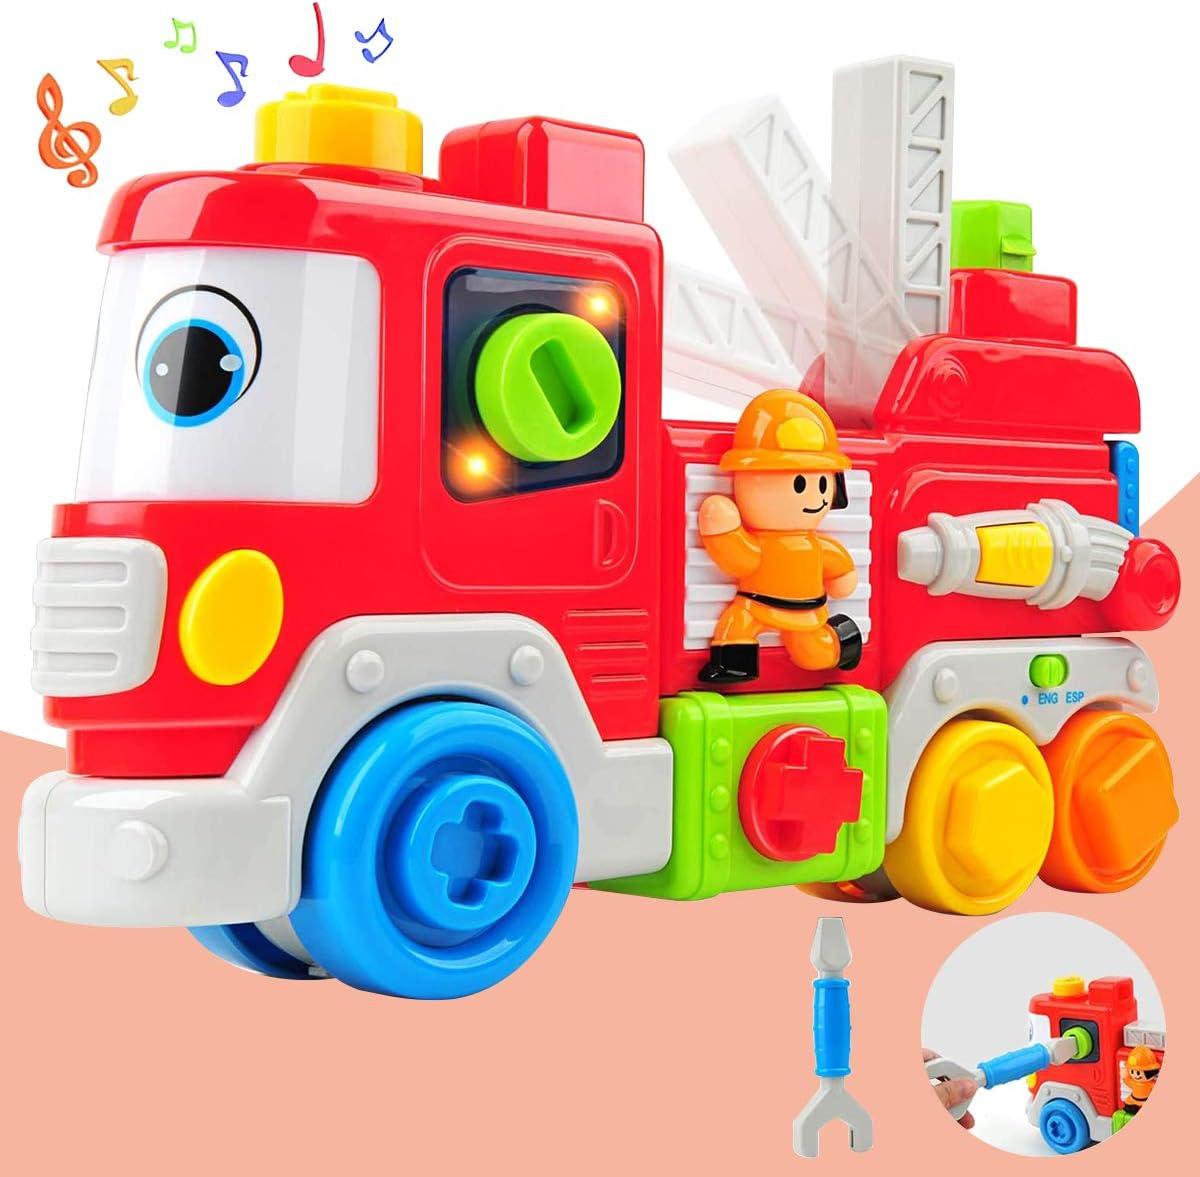 GizmoVine Coche Juguetes Bebes 2 Año Juguete Educativo Camión De Bomberos con Música Juguete Educativo Temprano para Bebés Niños